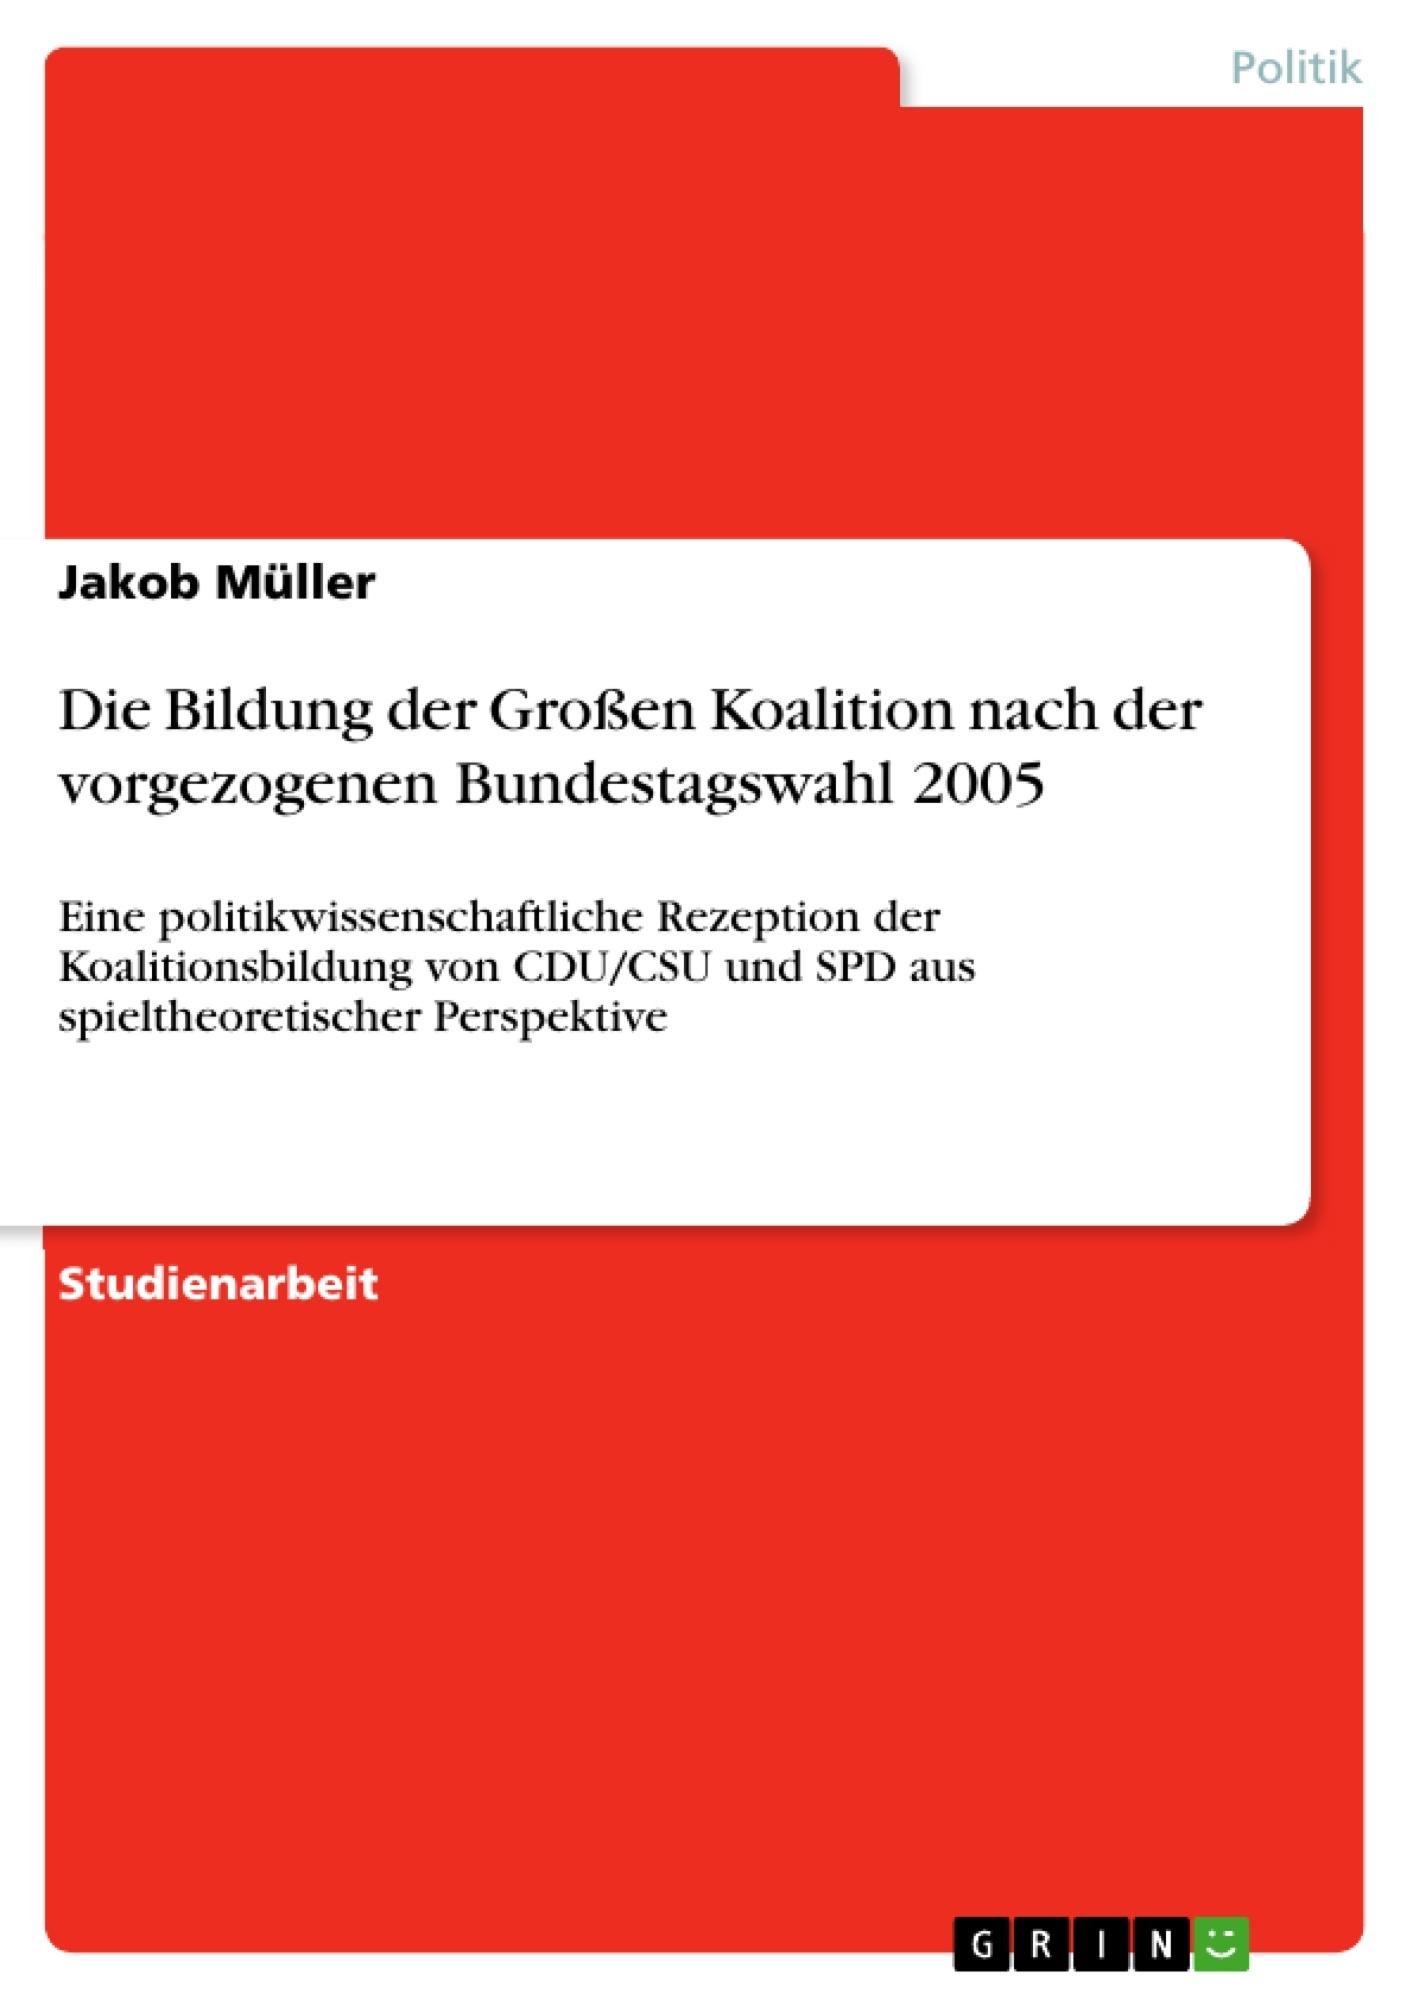 Titel: Die Bildung der Großen Koalition nach der vorgezogenen Bundestagswahl 2005